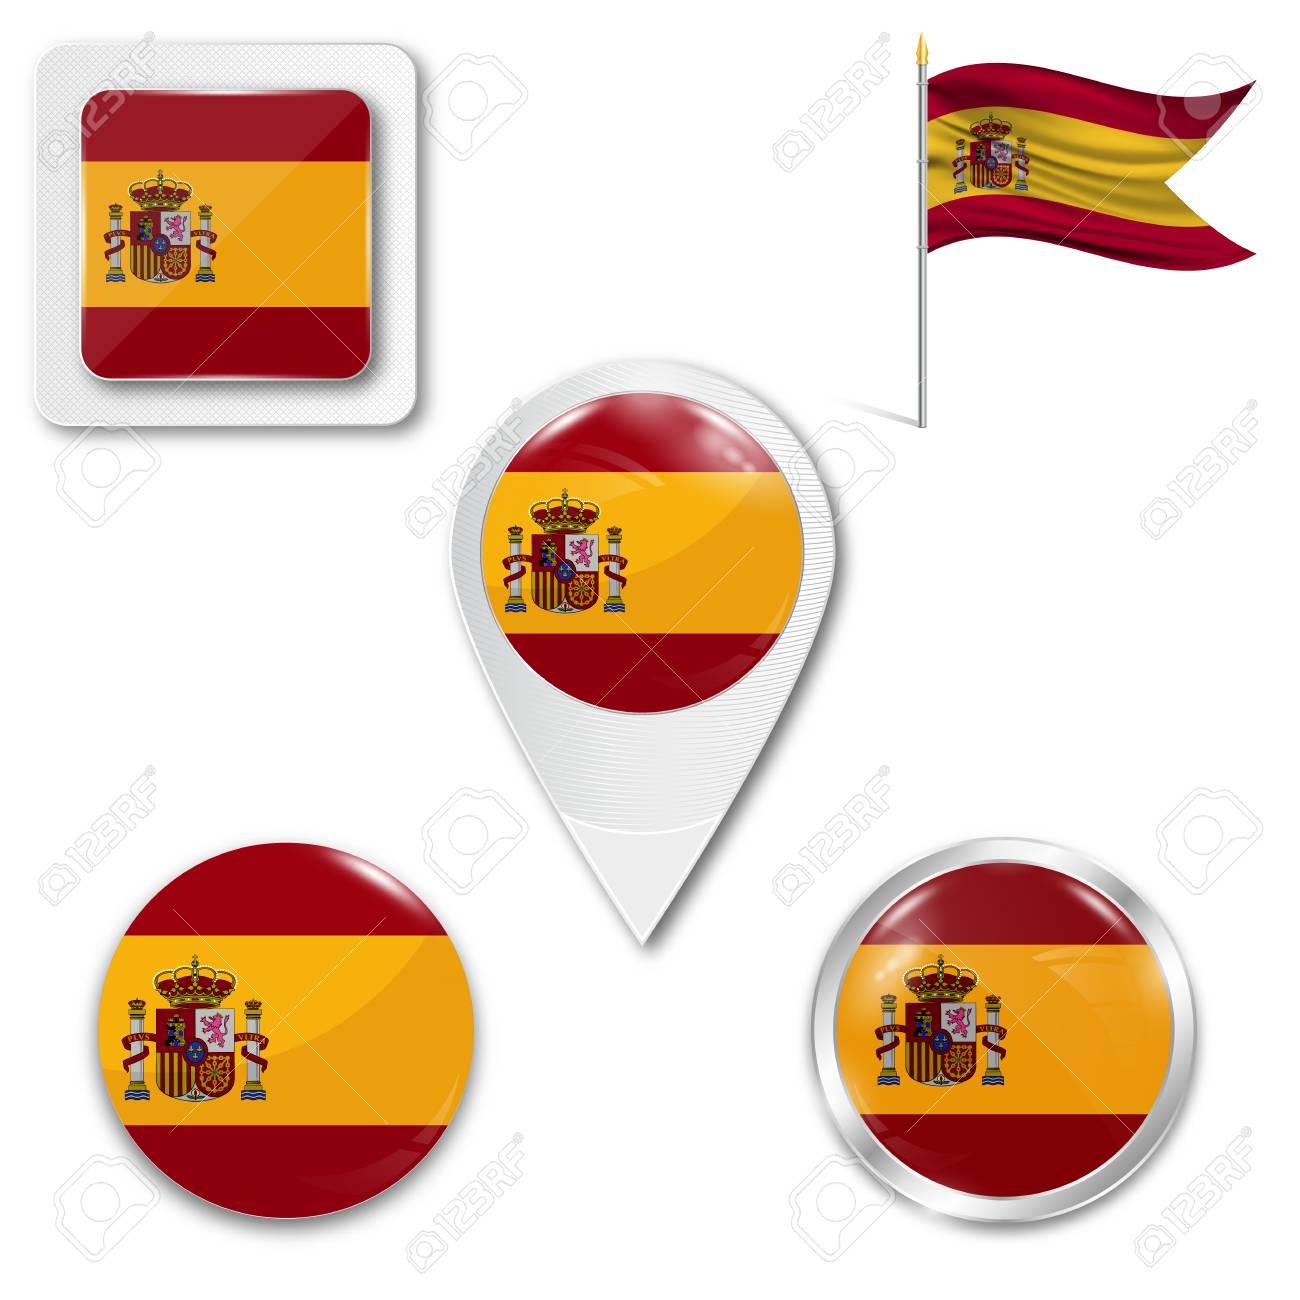 6a5893624e632 Conjunto de iconos de la bandera nacional de España en diferentes diseños  sobre un fondo blanco